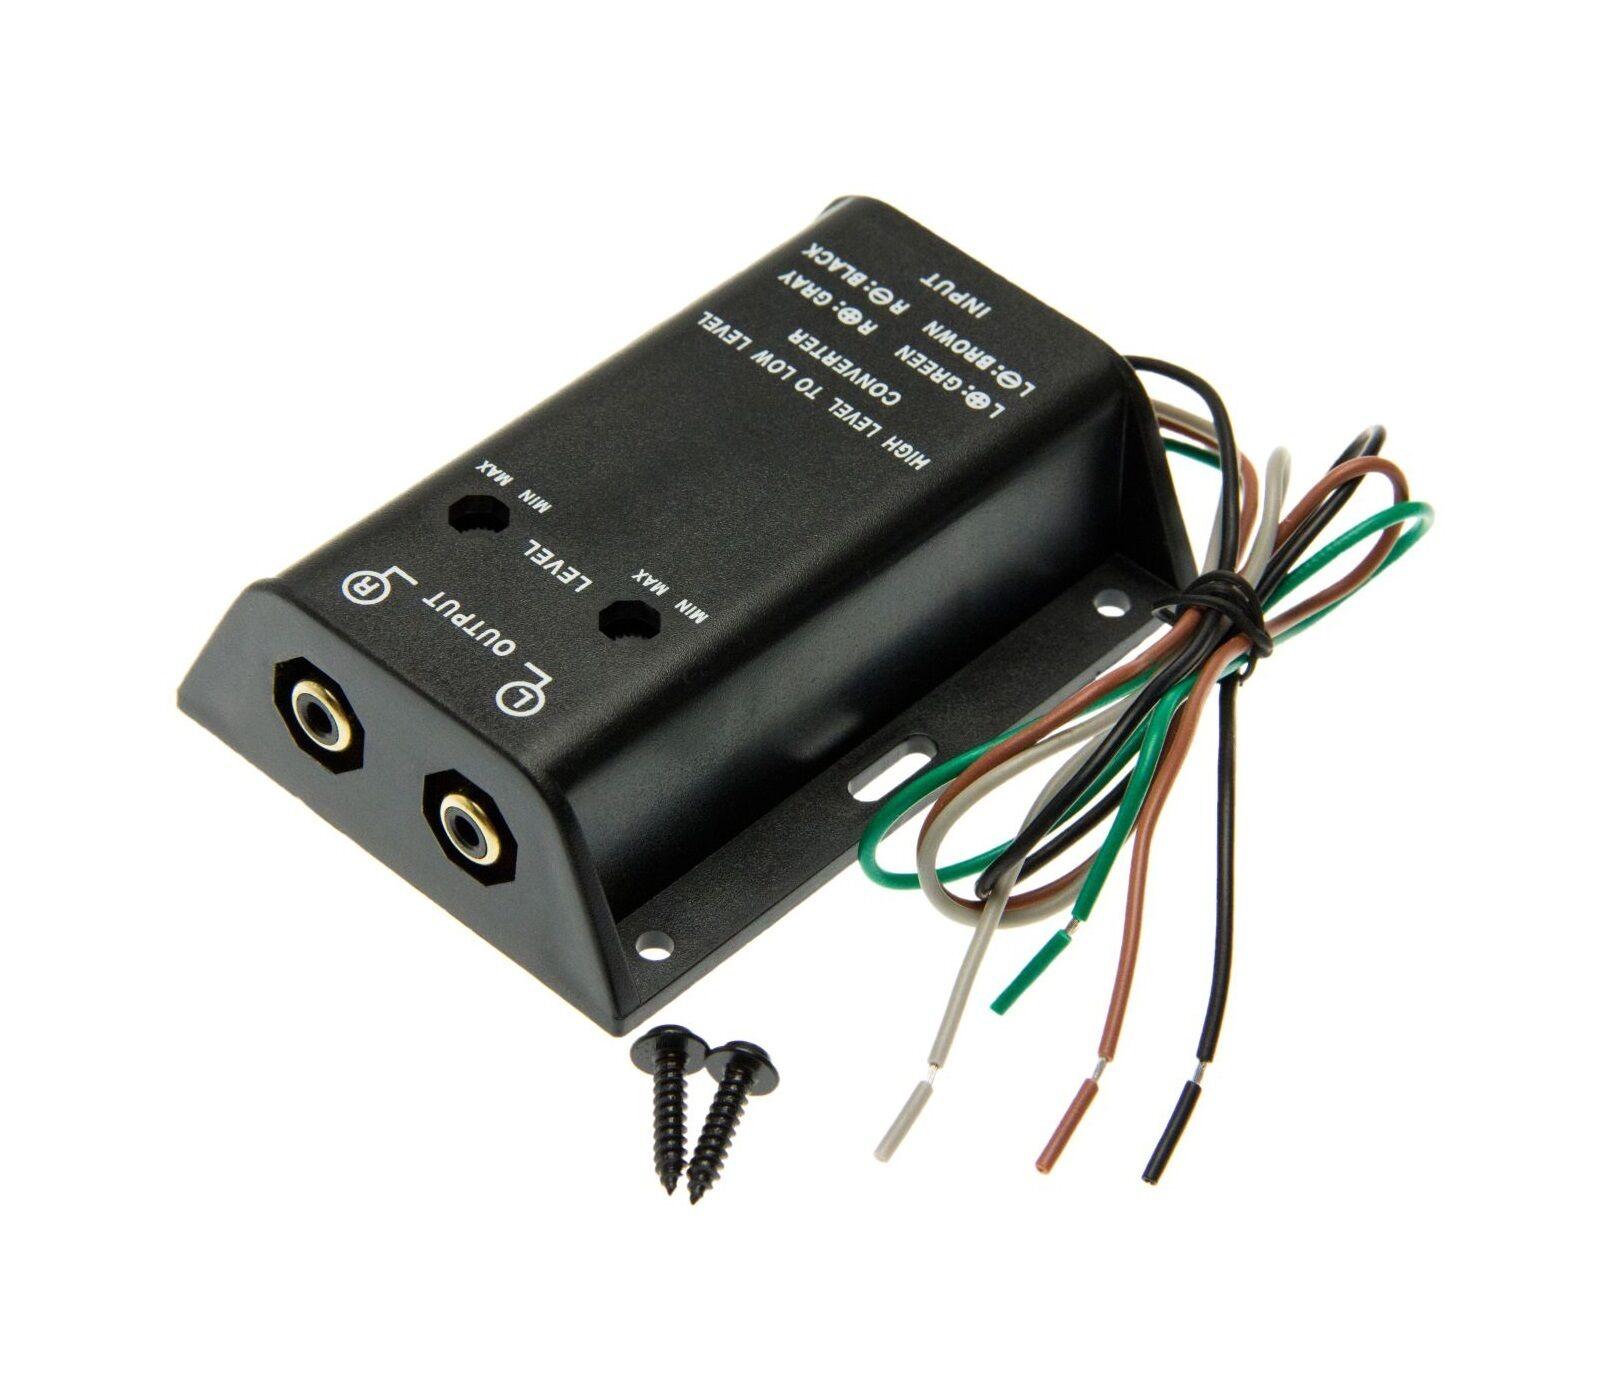 verst rker chinch konverter adapter auto radio kabel. Black Bedroom Furniture Sets. Home Design Ideas